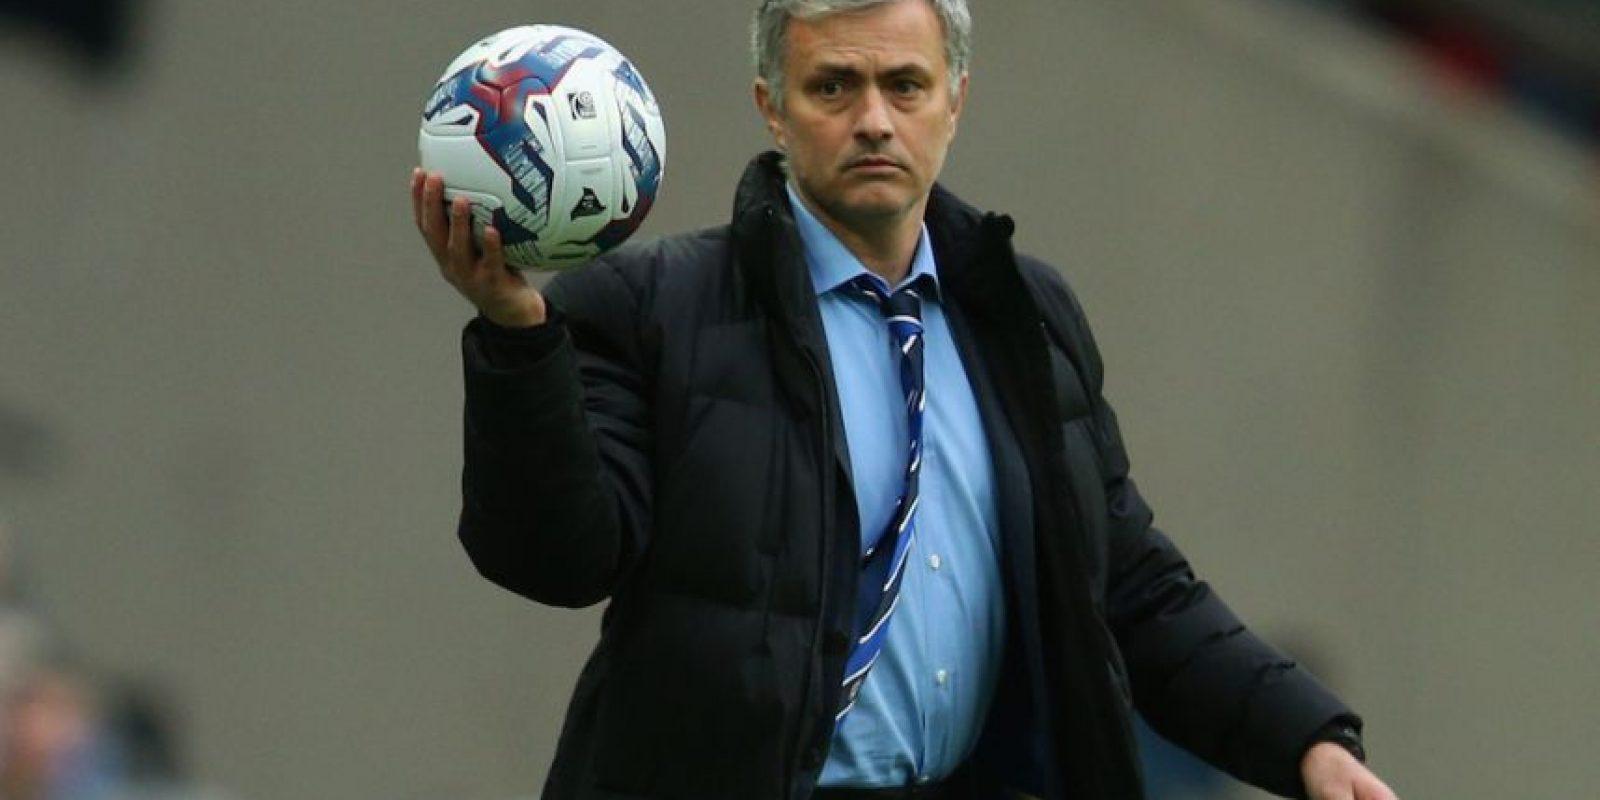 El técnico del Chelsea inglés obtiene 10.2 millones de euros al año. Foto:Getty Images